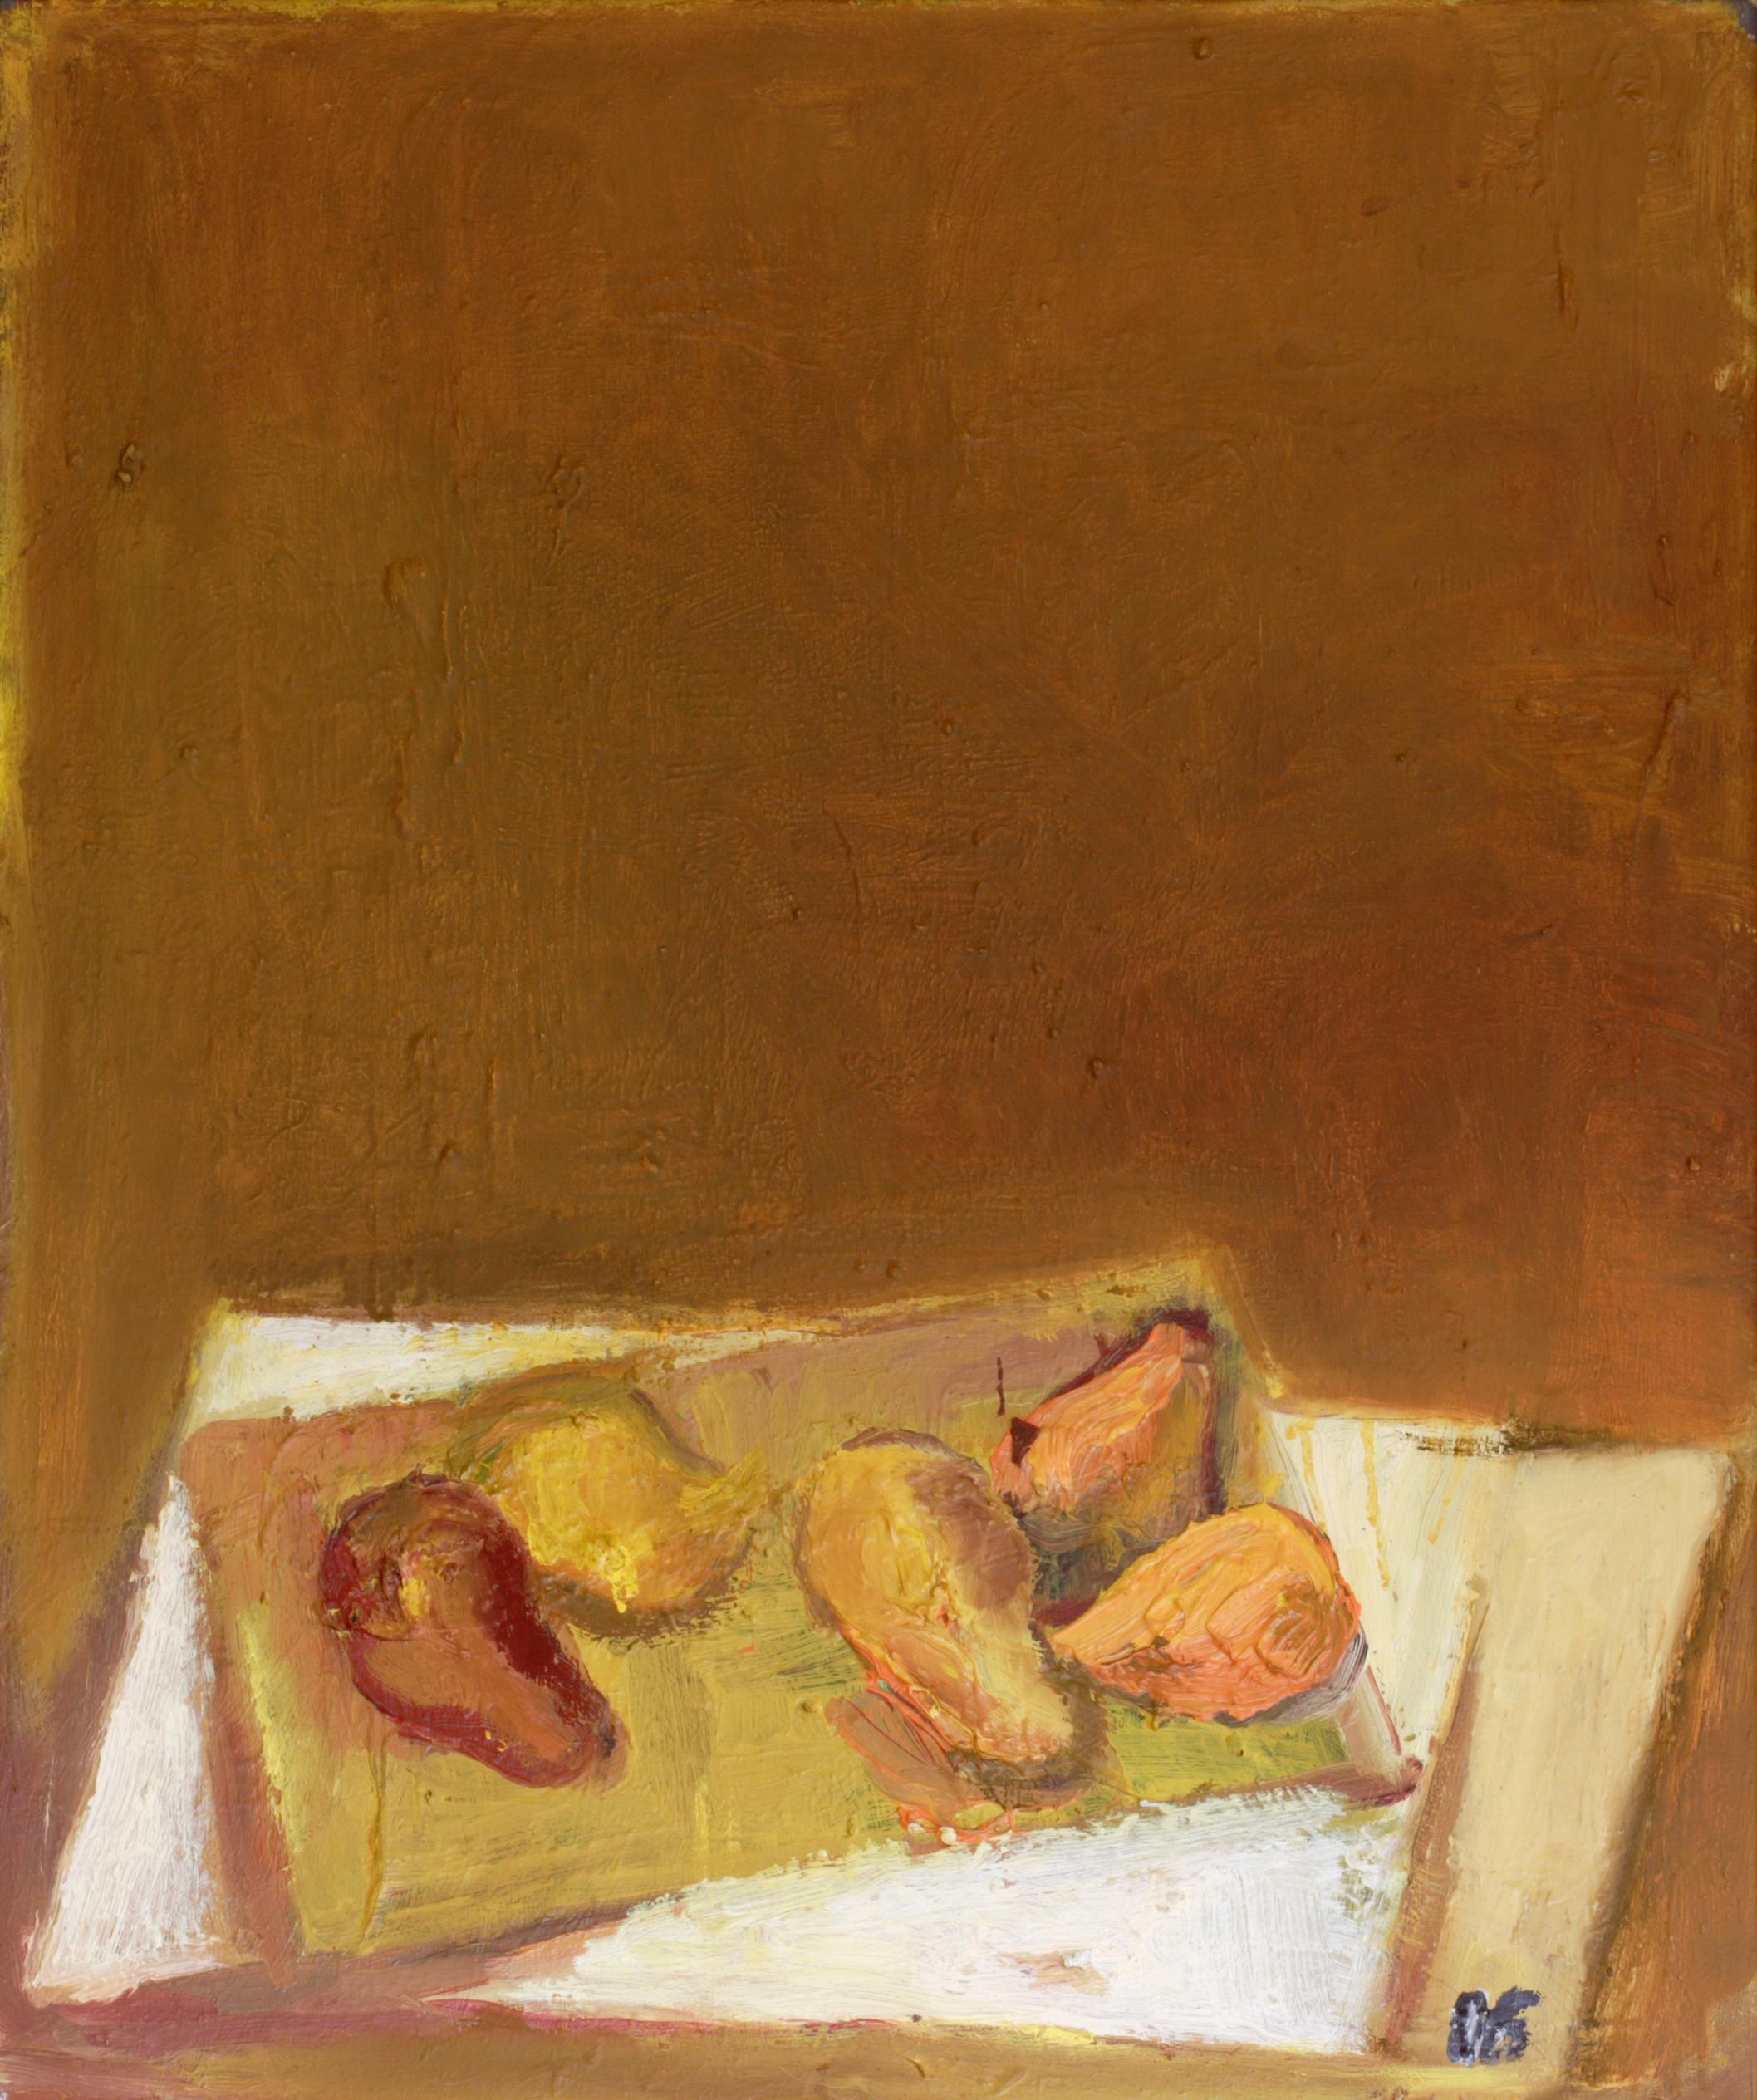 Натюрморт 'Жълти плодове' от Олга Белопитова